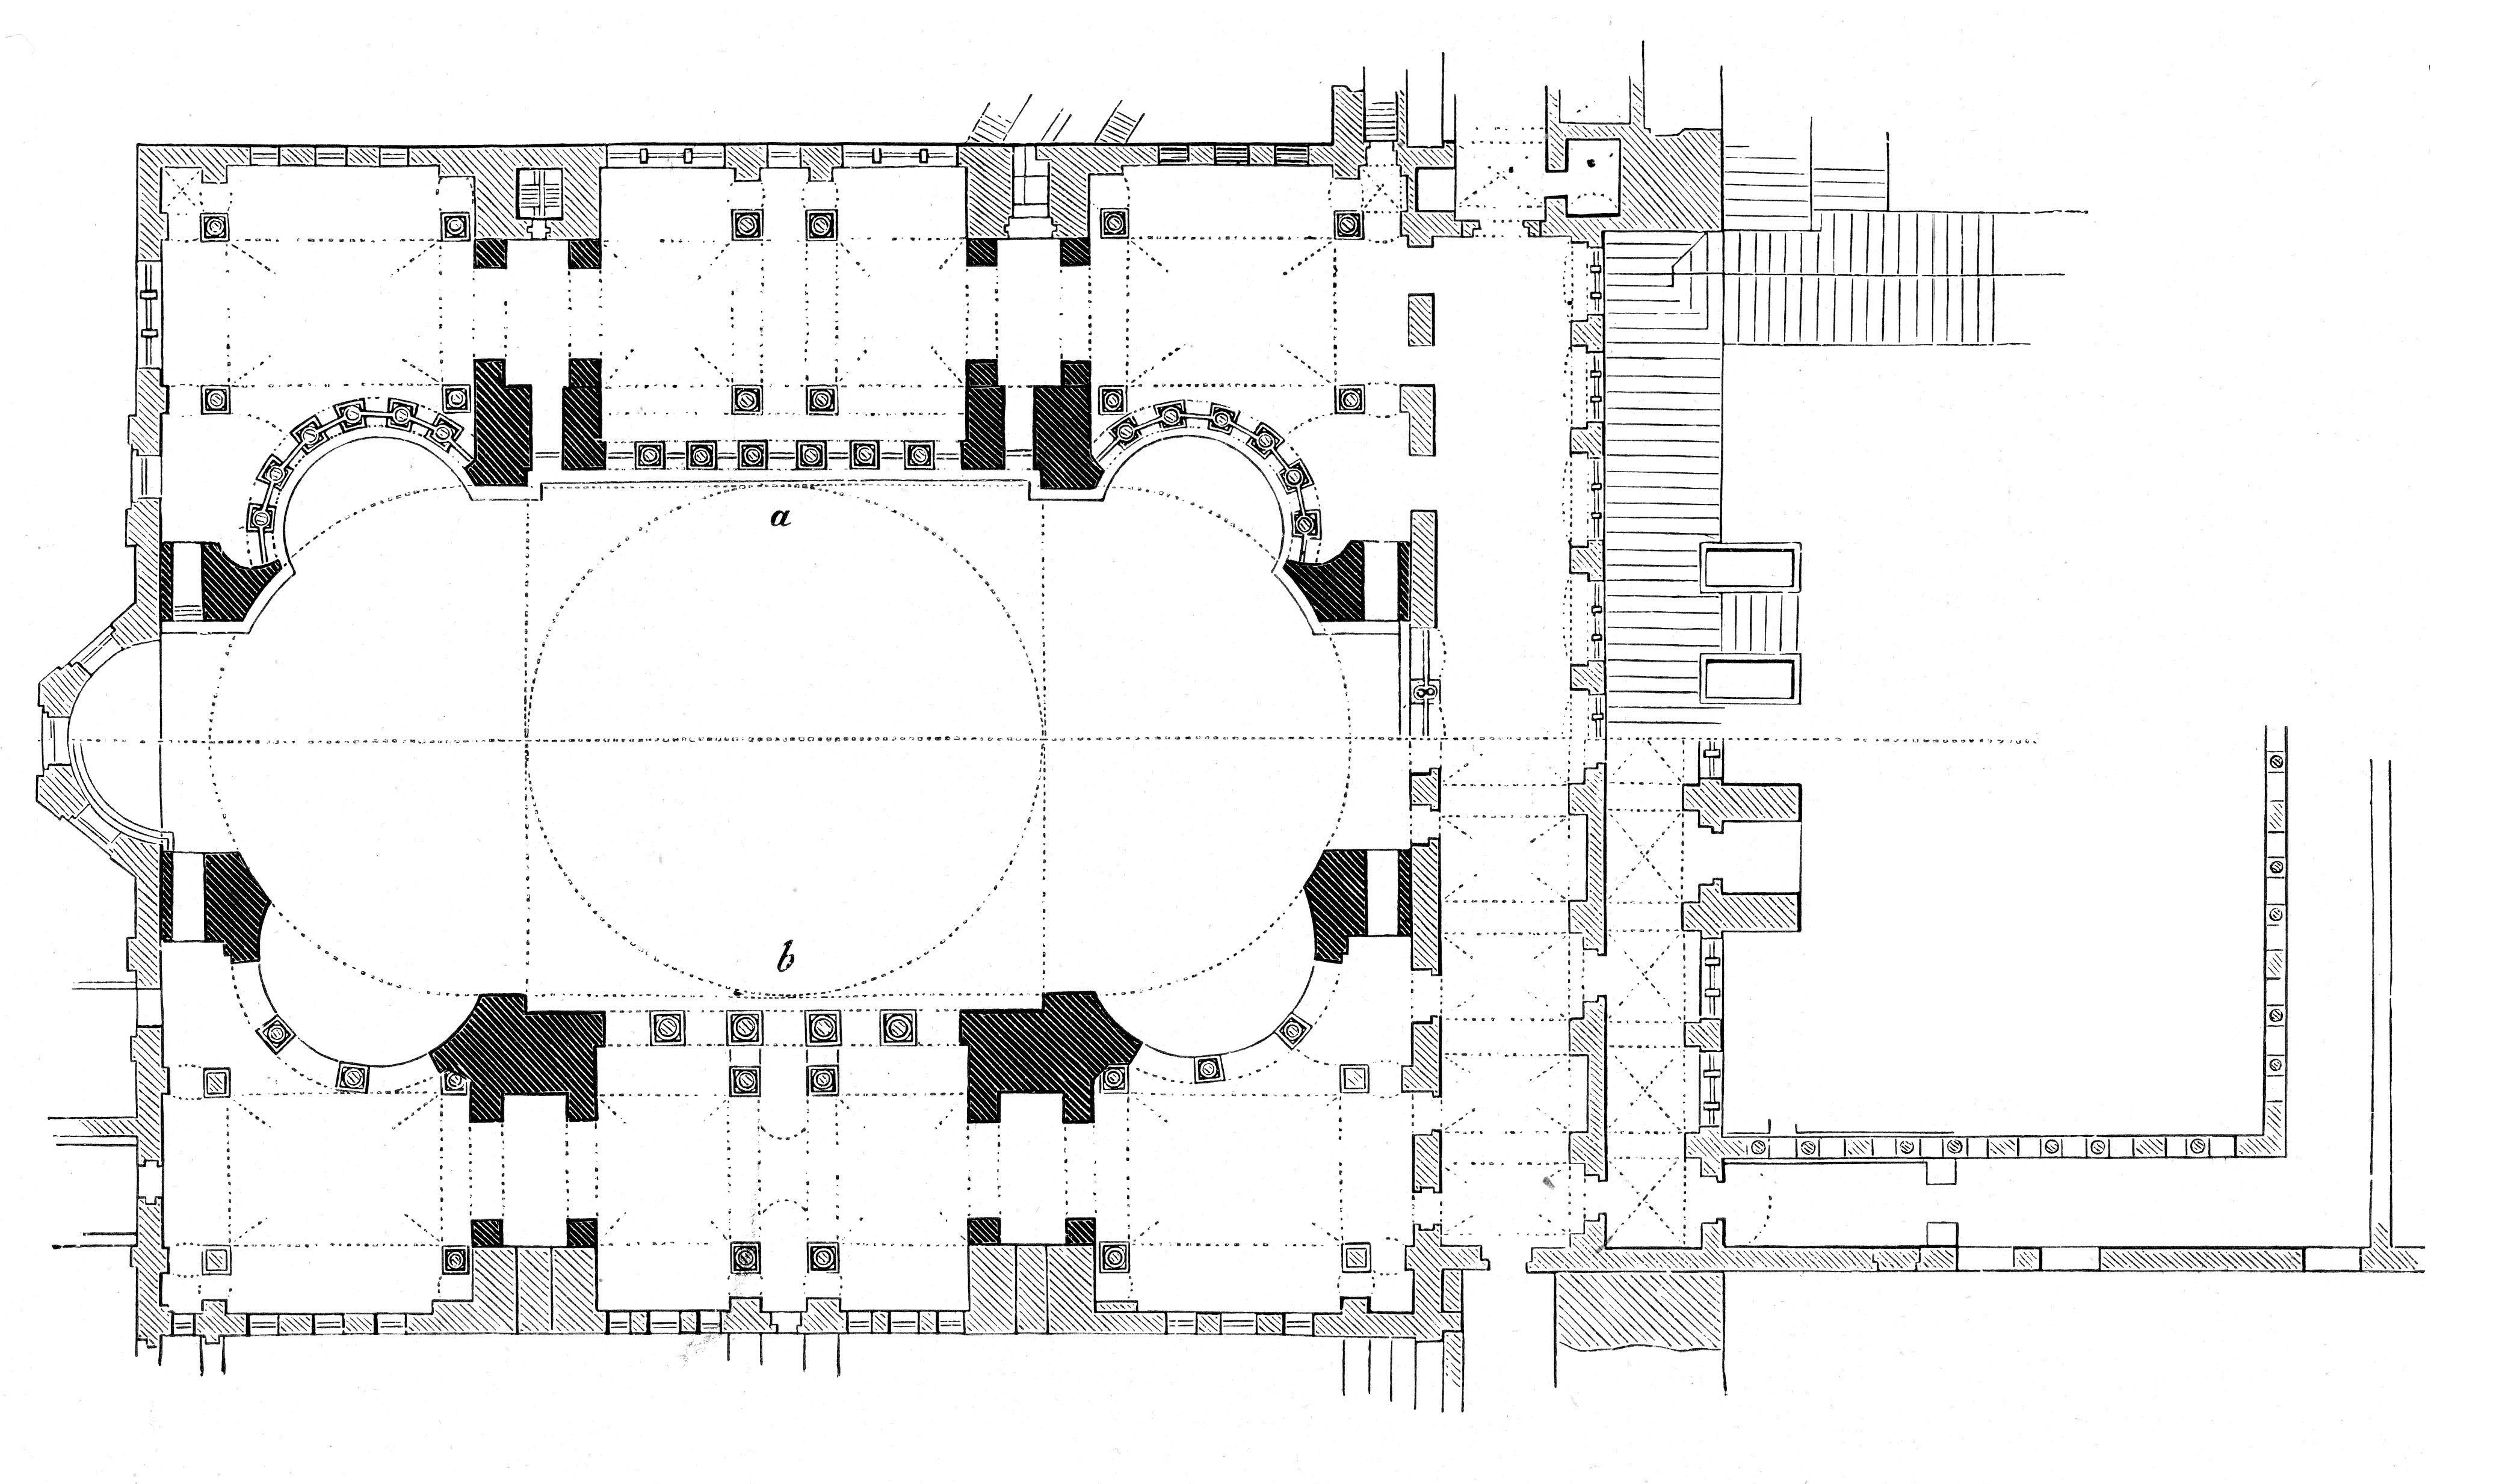 Hagia Sophia Plan